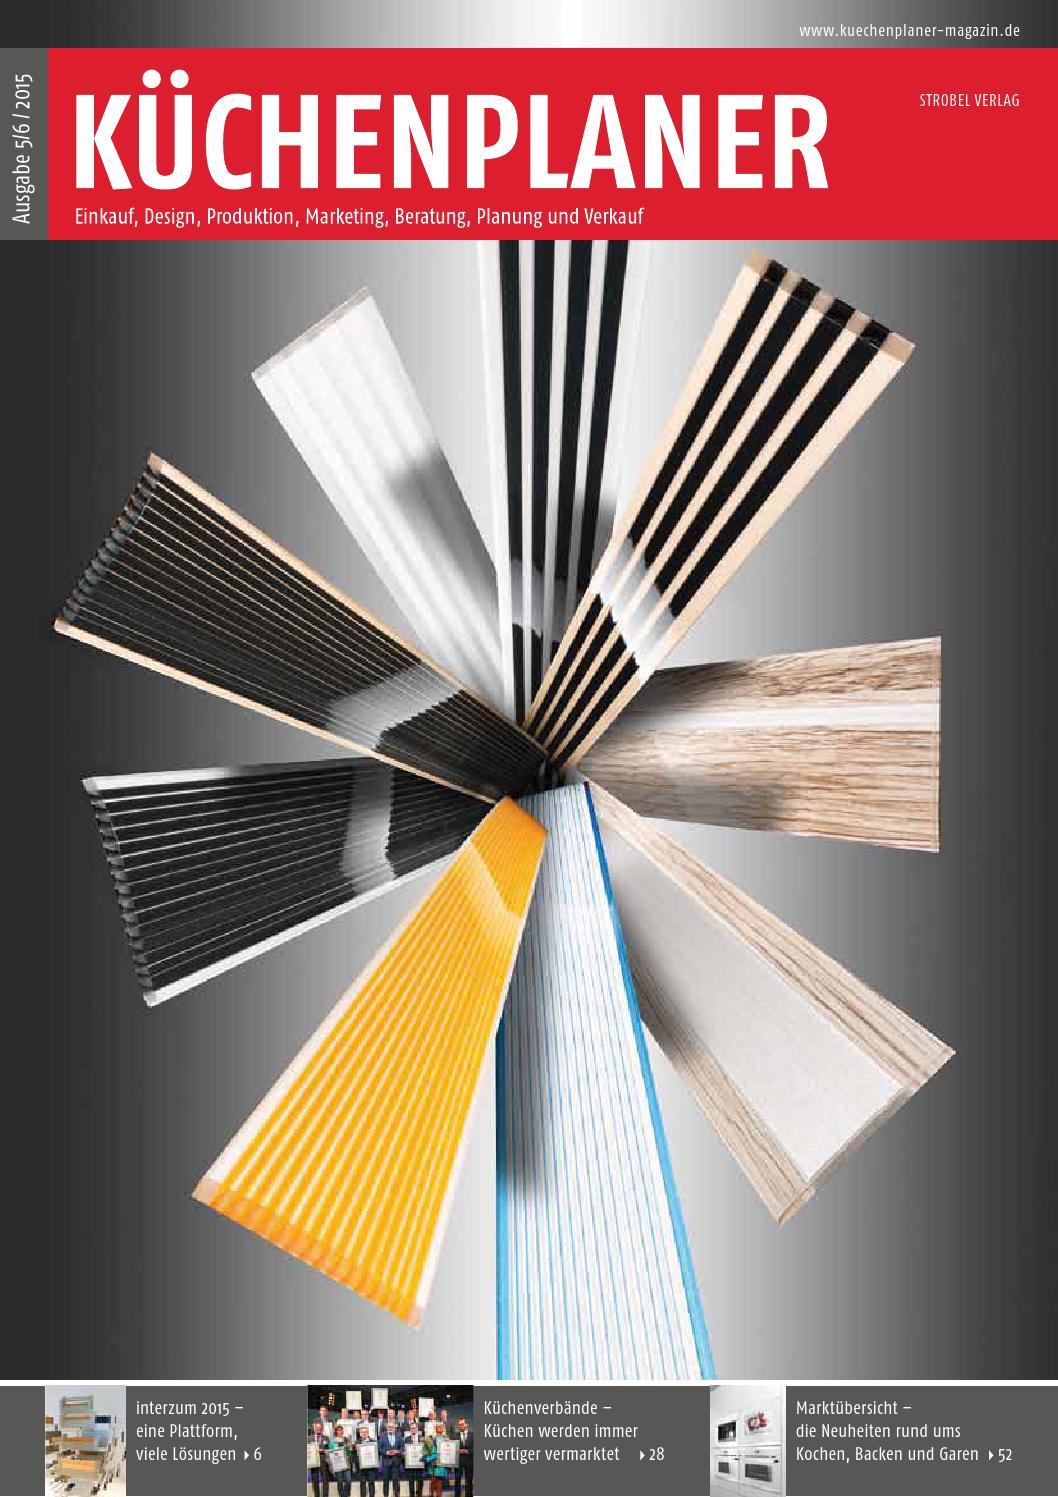 KÜCHENPLANER Ausgabe 5/6 2015   Probeheft By Strobelverlag   Issuu